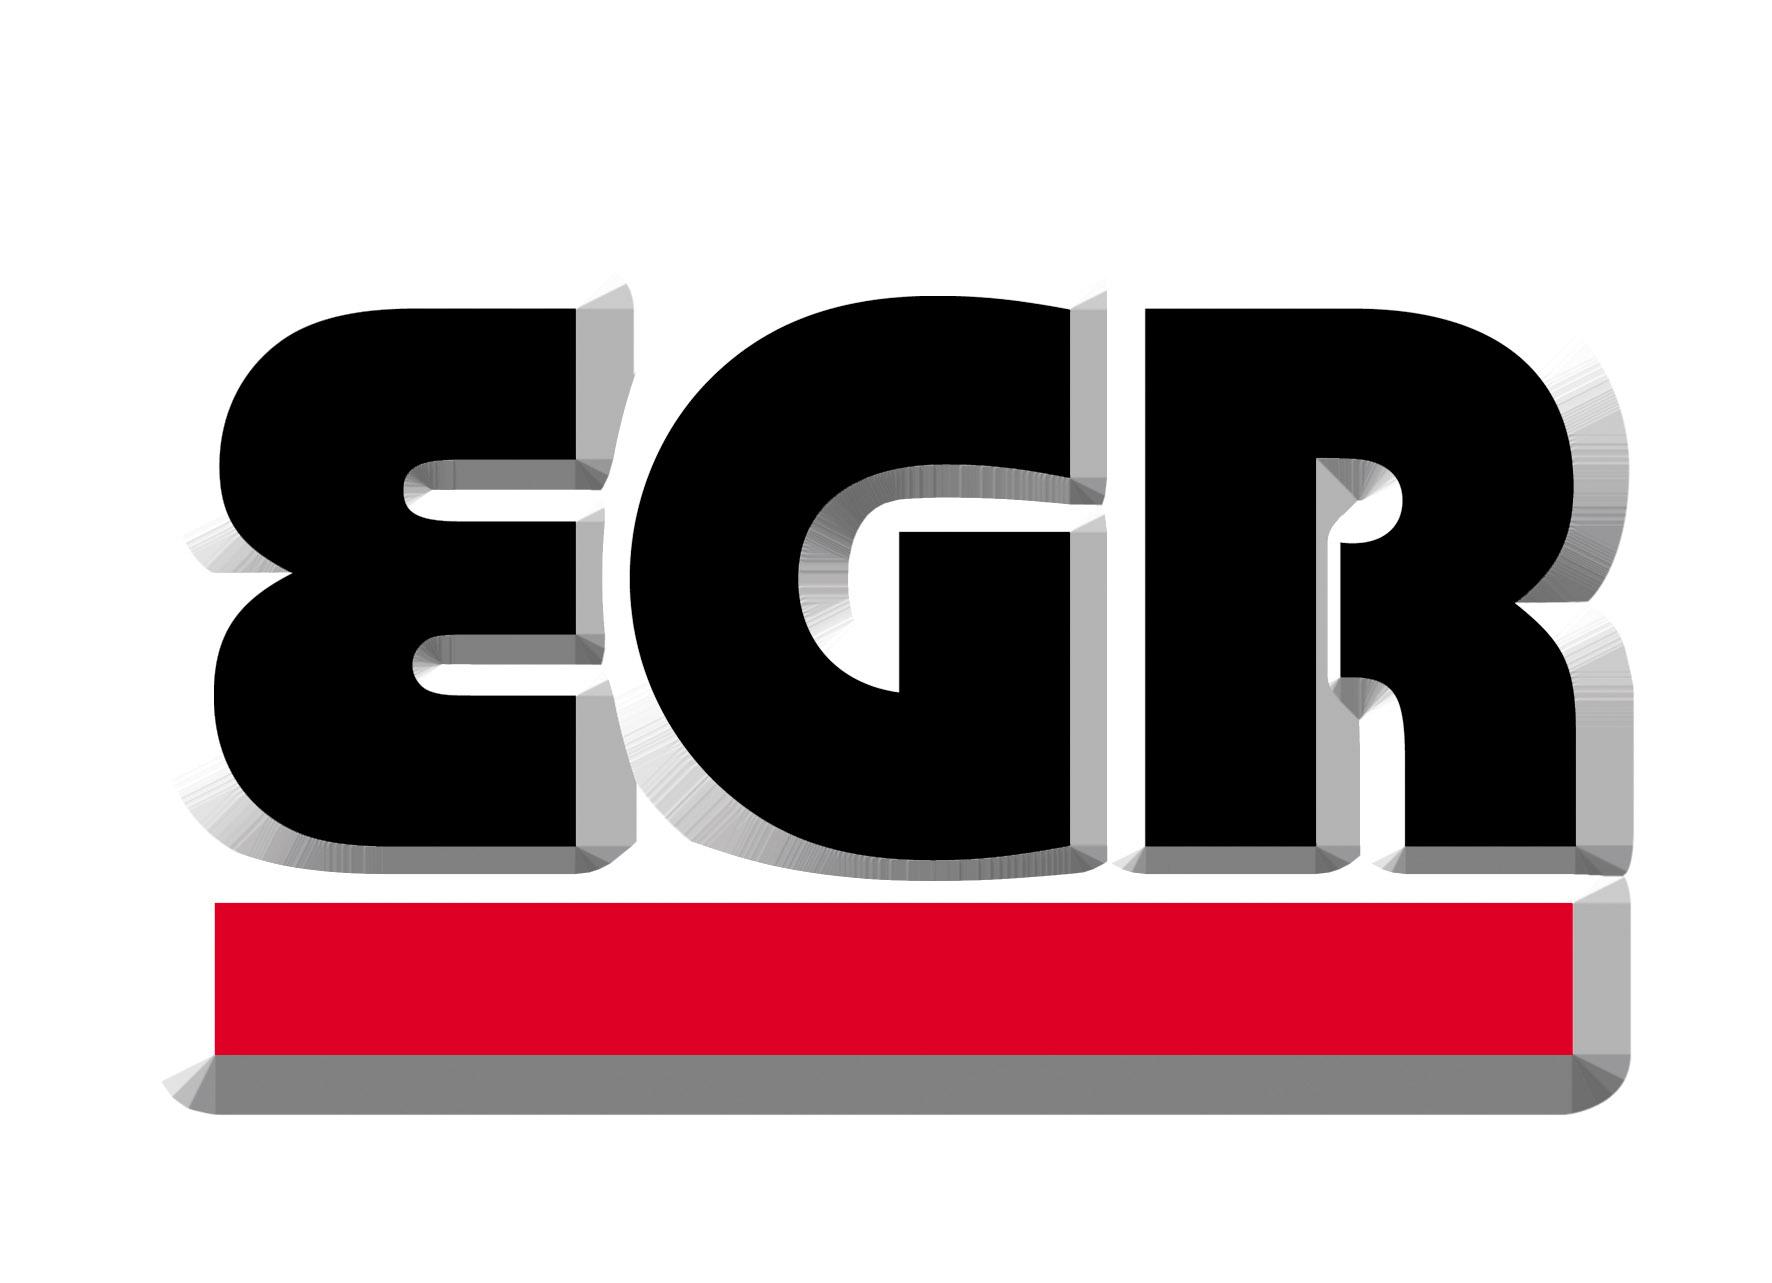 egr-logo.jpg